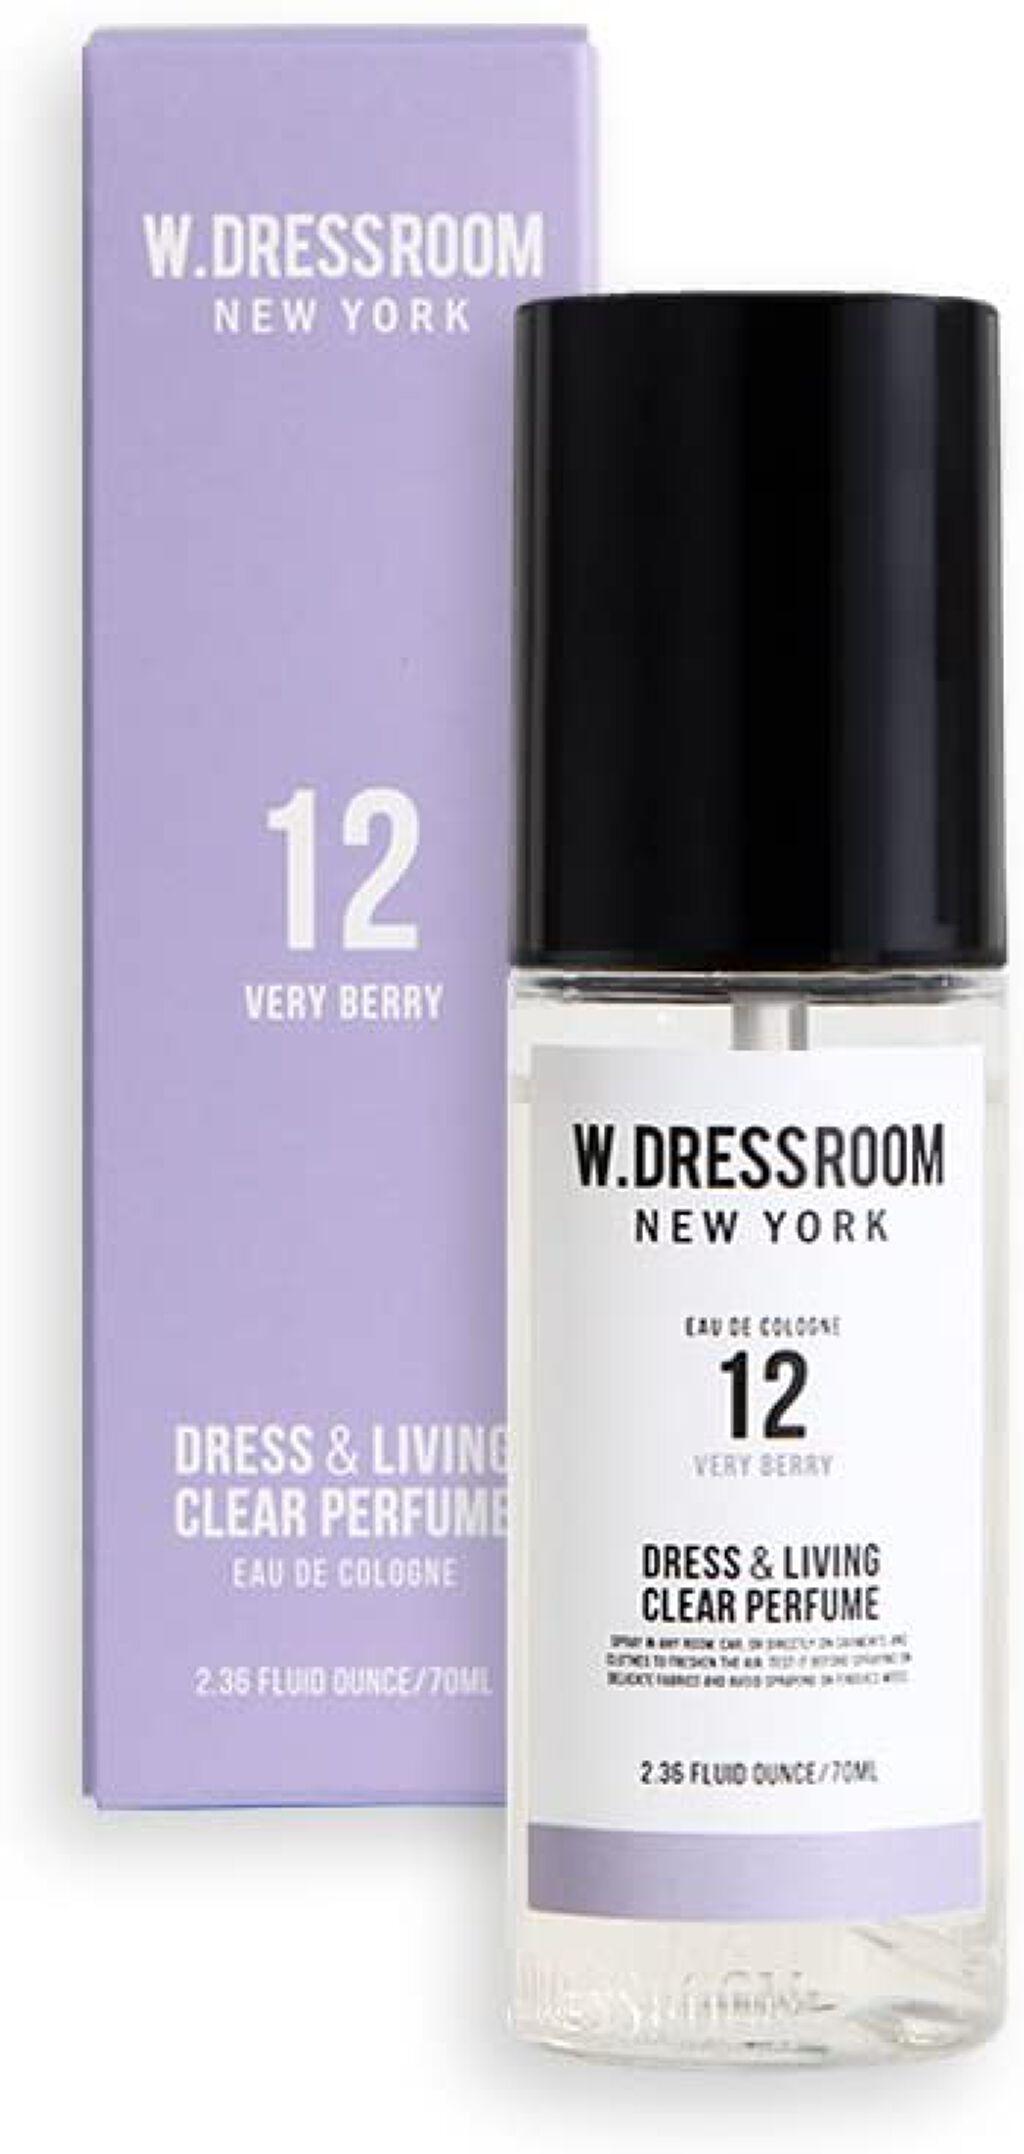 ドレス&リビング クリーン パフューム No.12 ベリーベリー